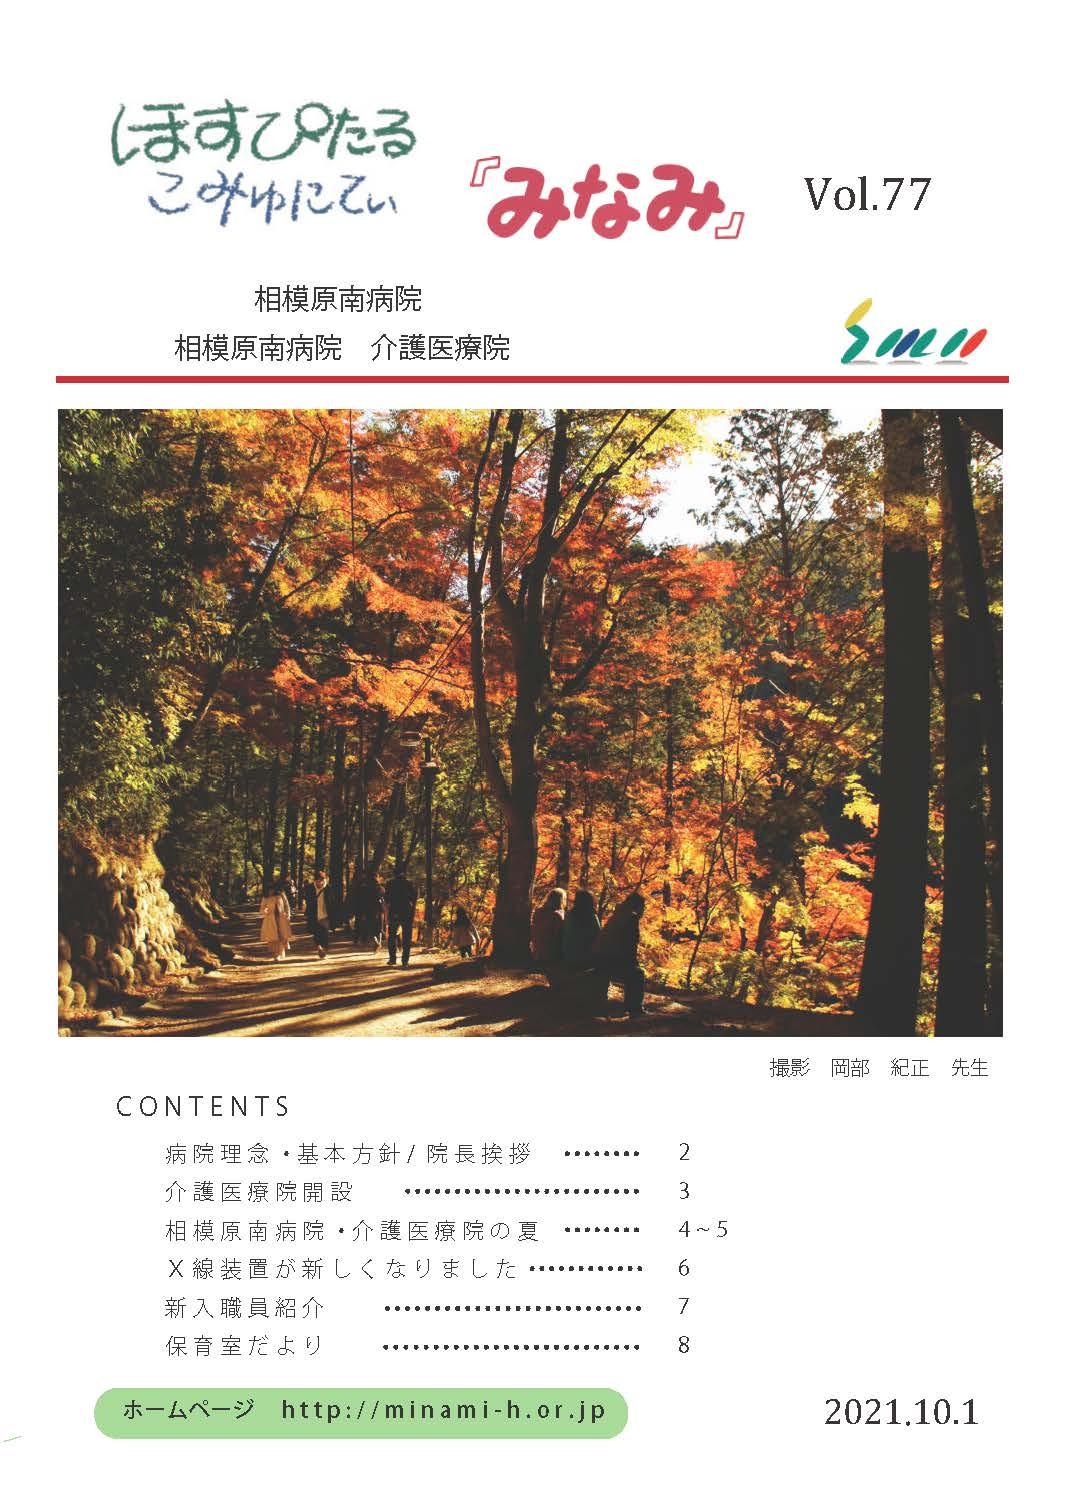 ほすぴたるこみゅにてぃ「みなみ」Vol.76